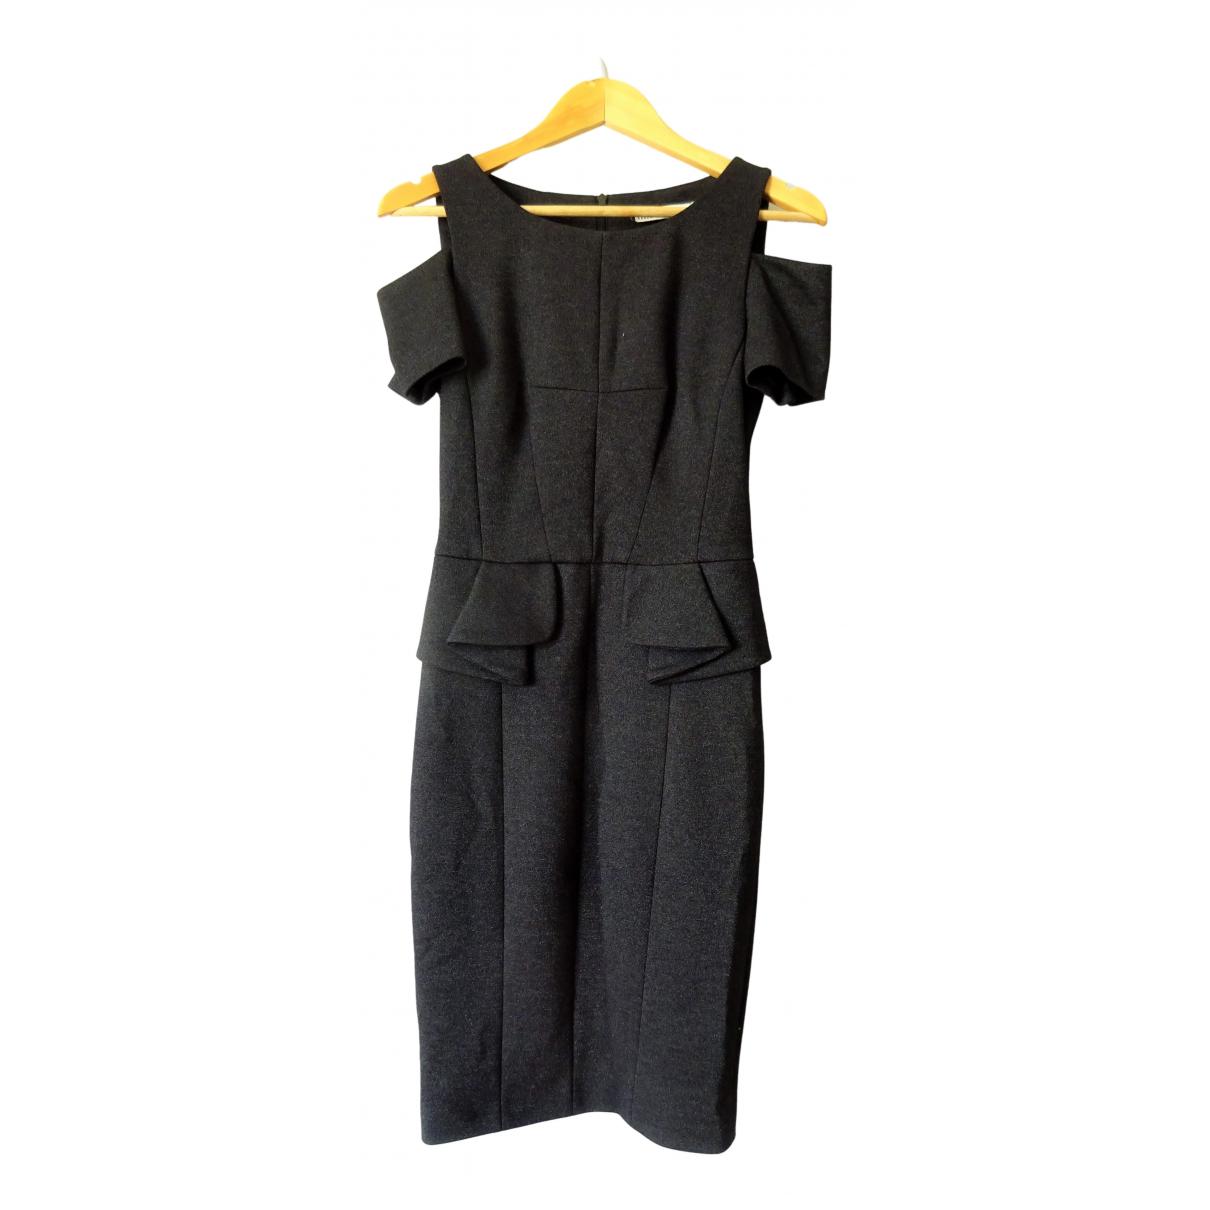 Karen Millen \N Kleid in  Anthrazit Viskose